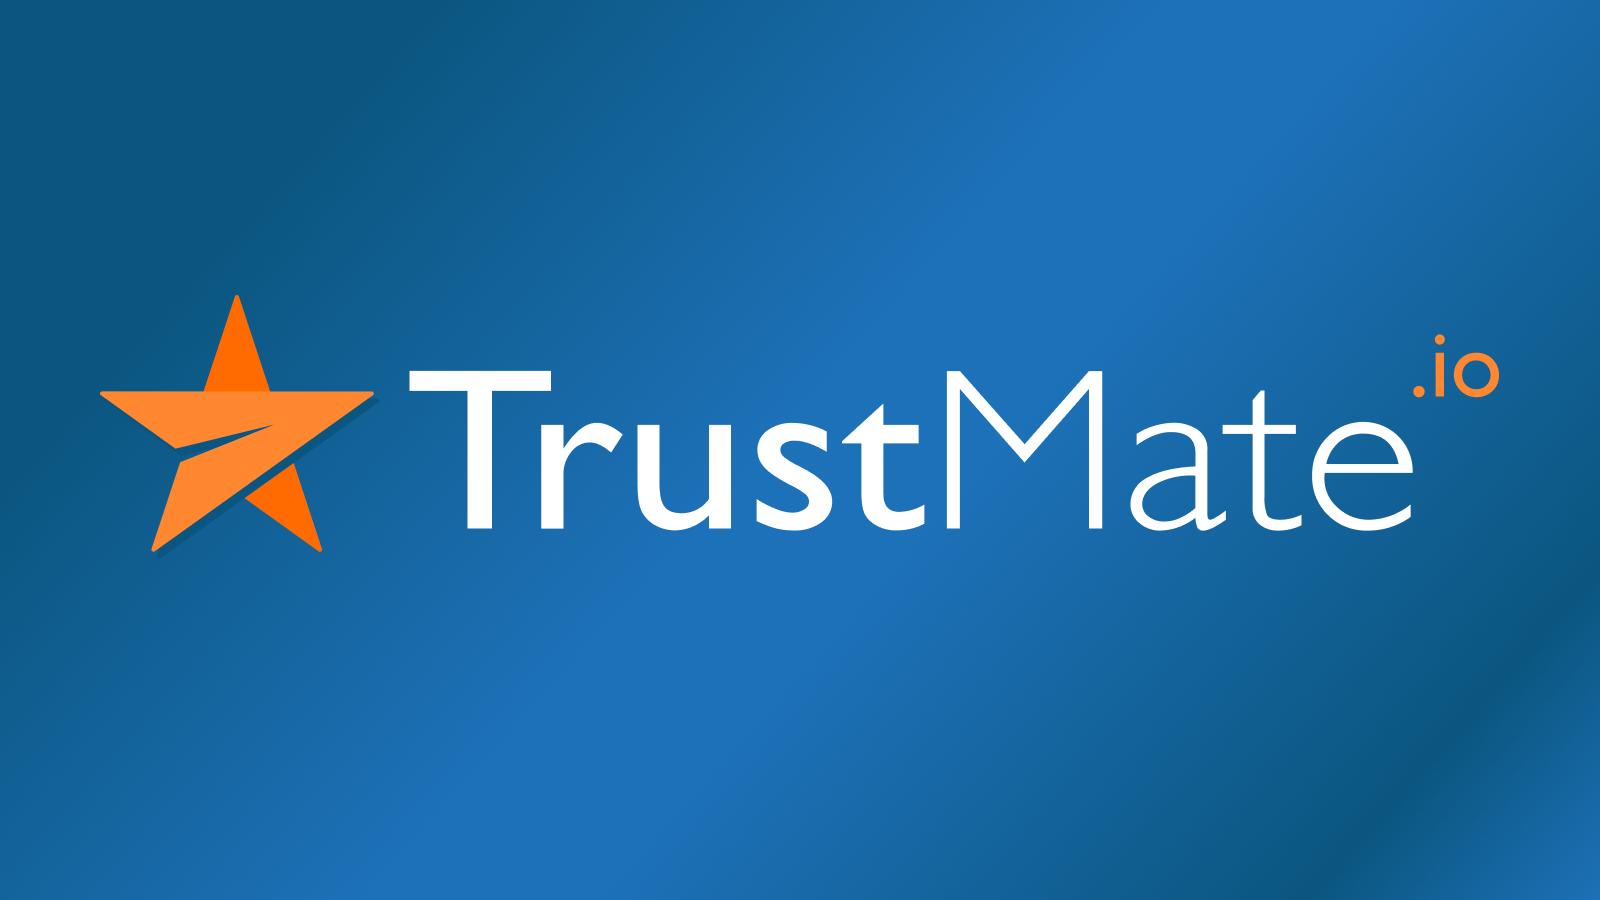 TrustMate.io